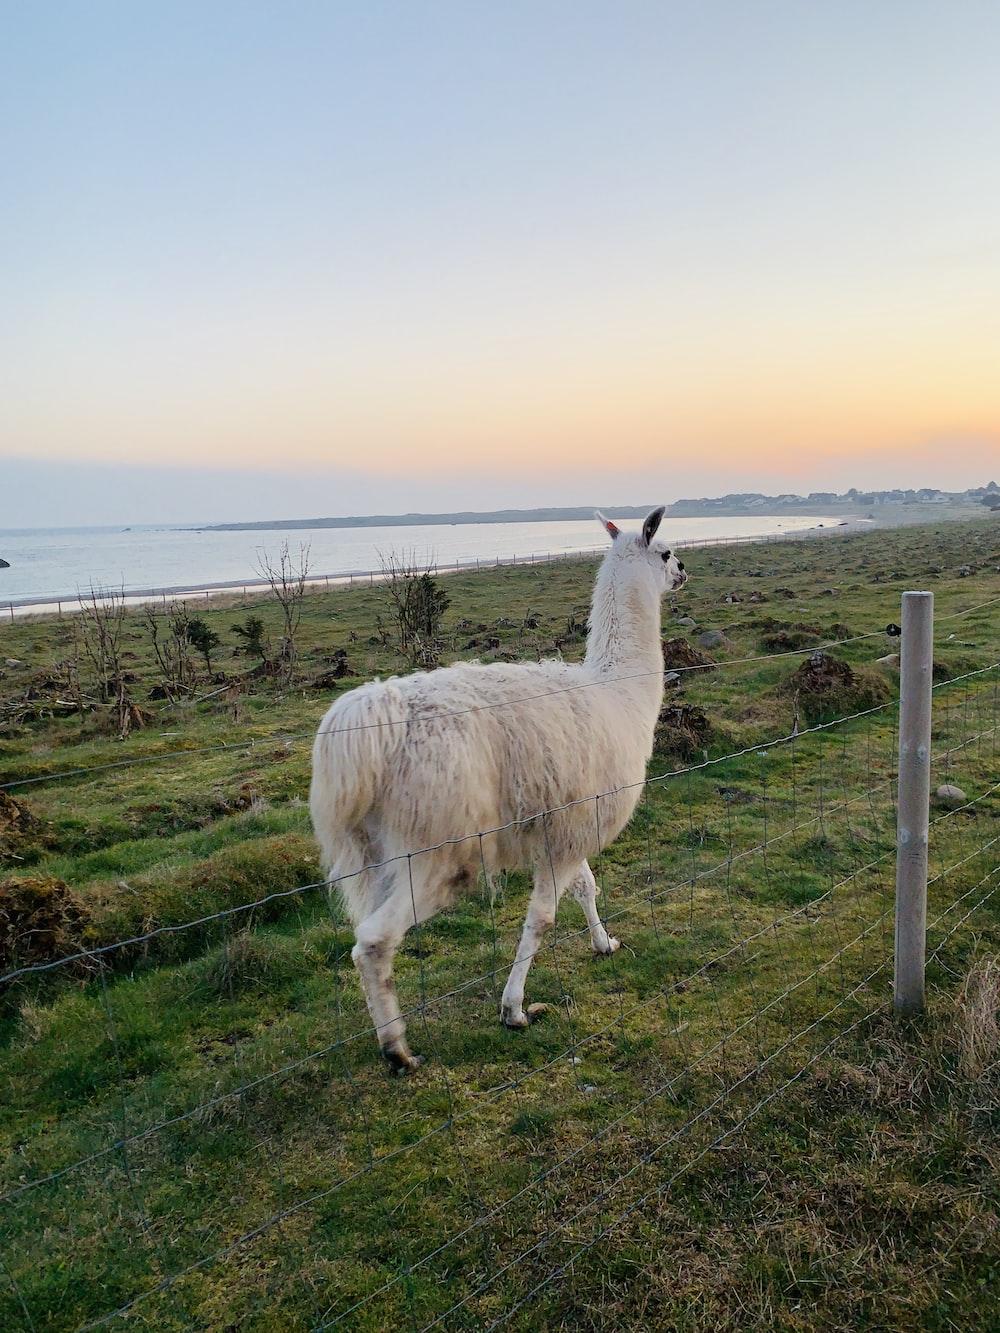 white sheep walking on green grass